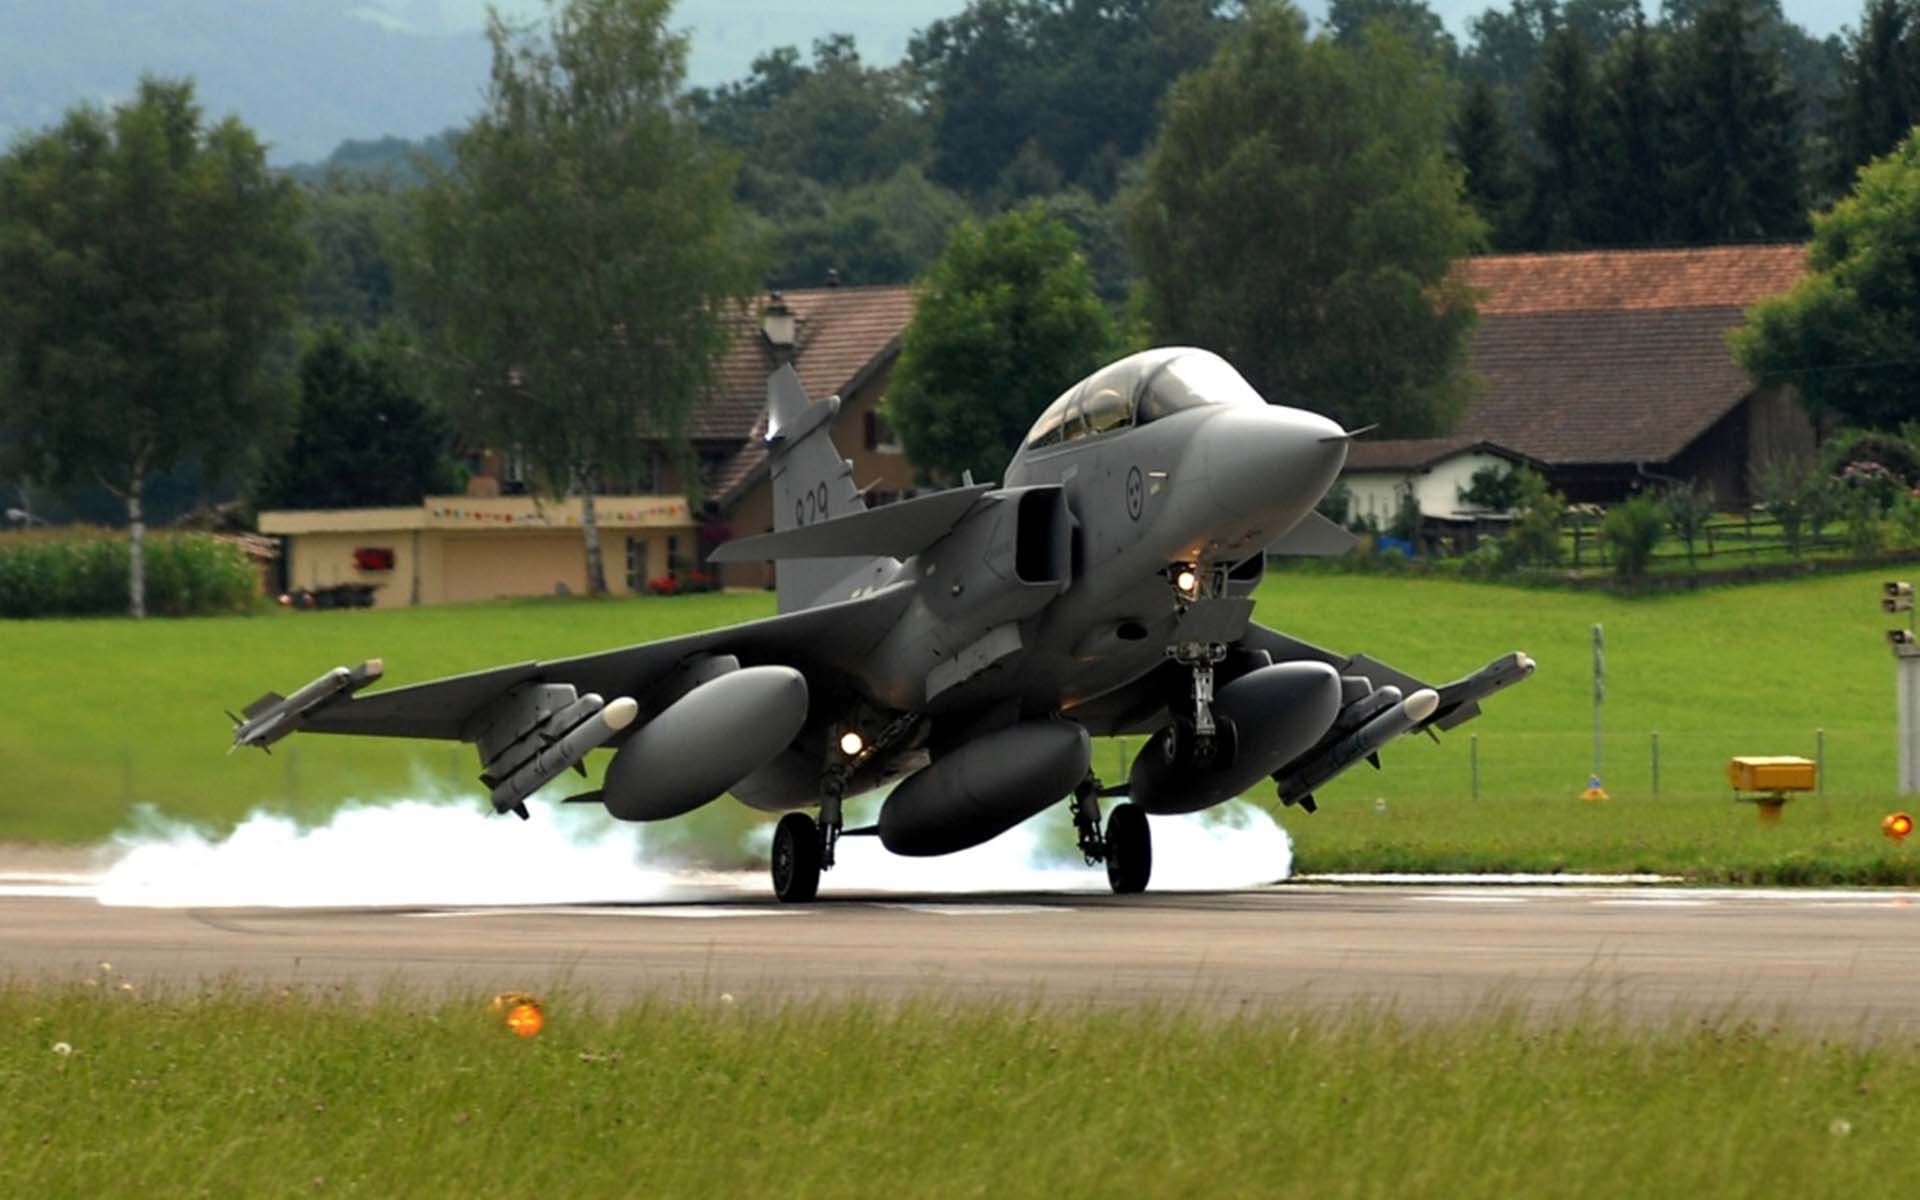 瑞典JAS-39鹰狮战斗机